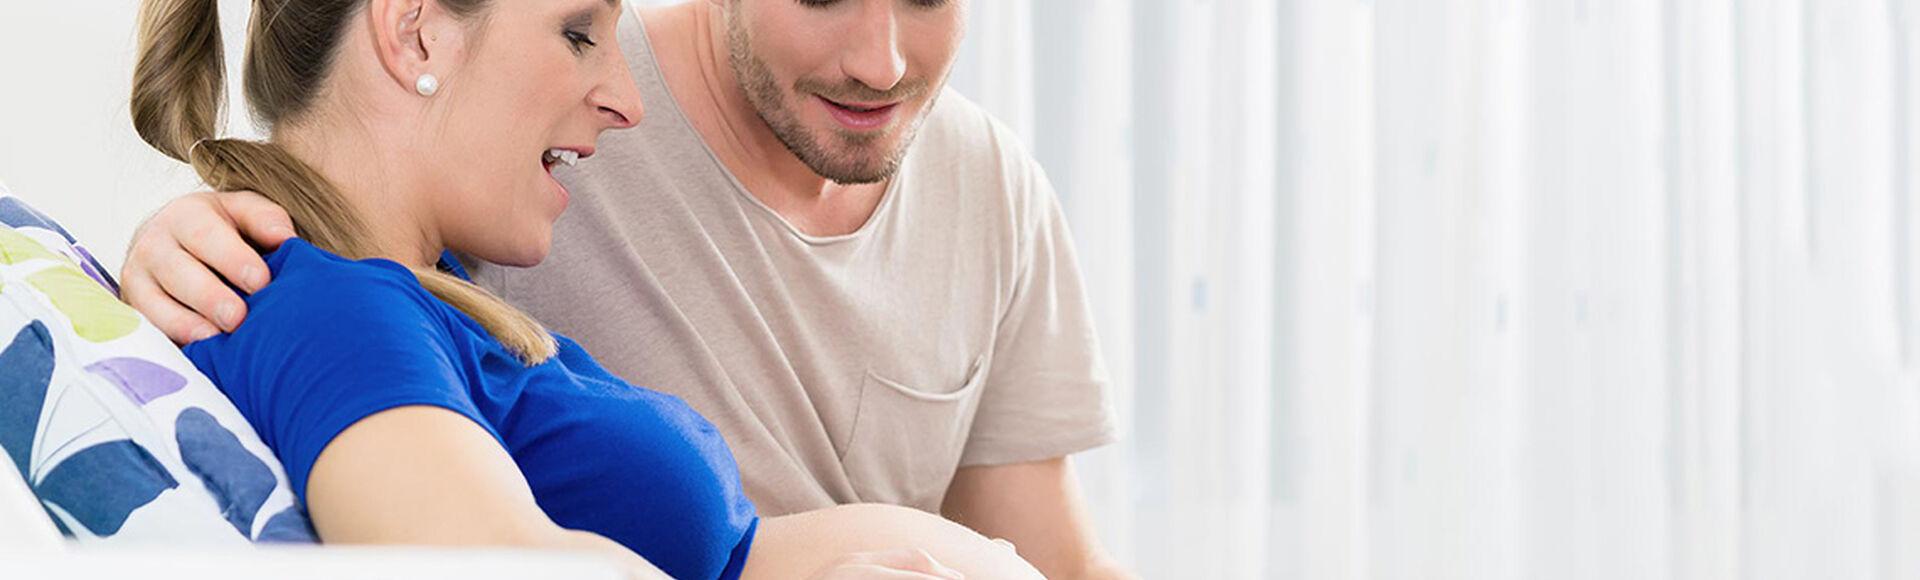 Síntomas horas antes del parto   Más Abrazos by Huggies